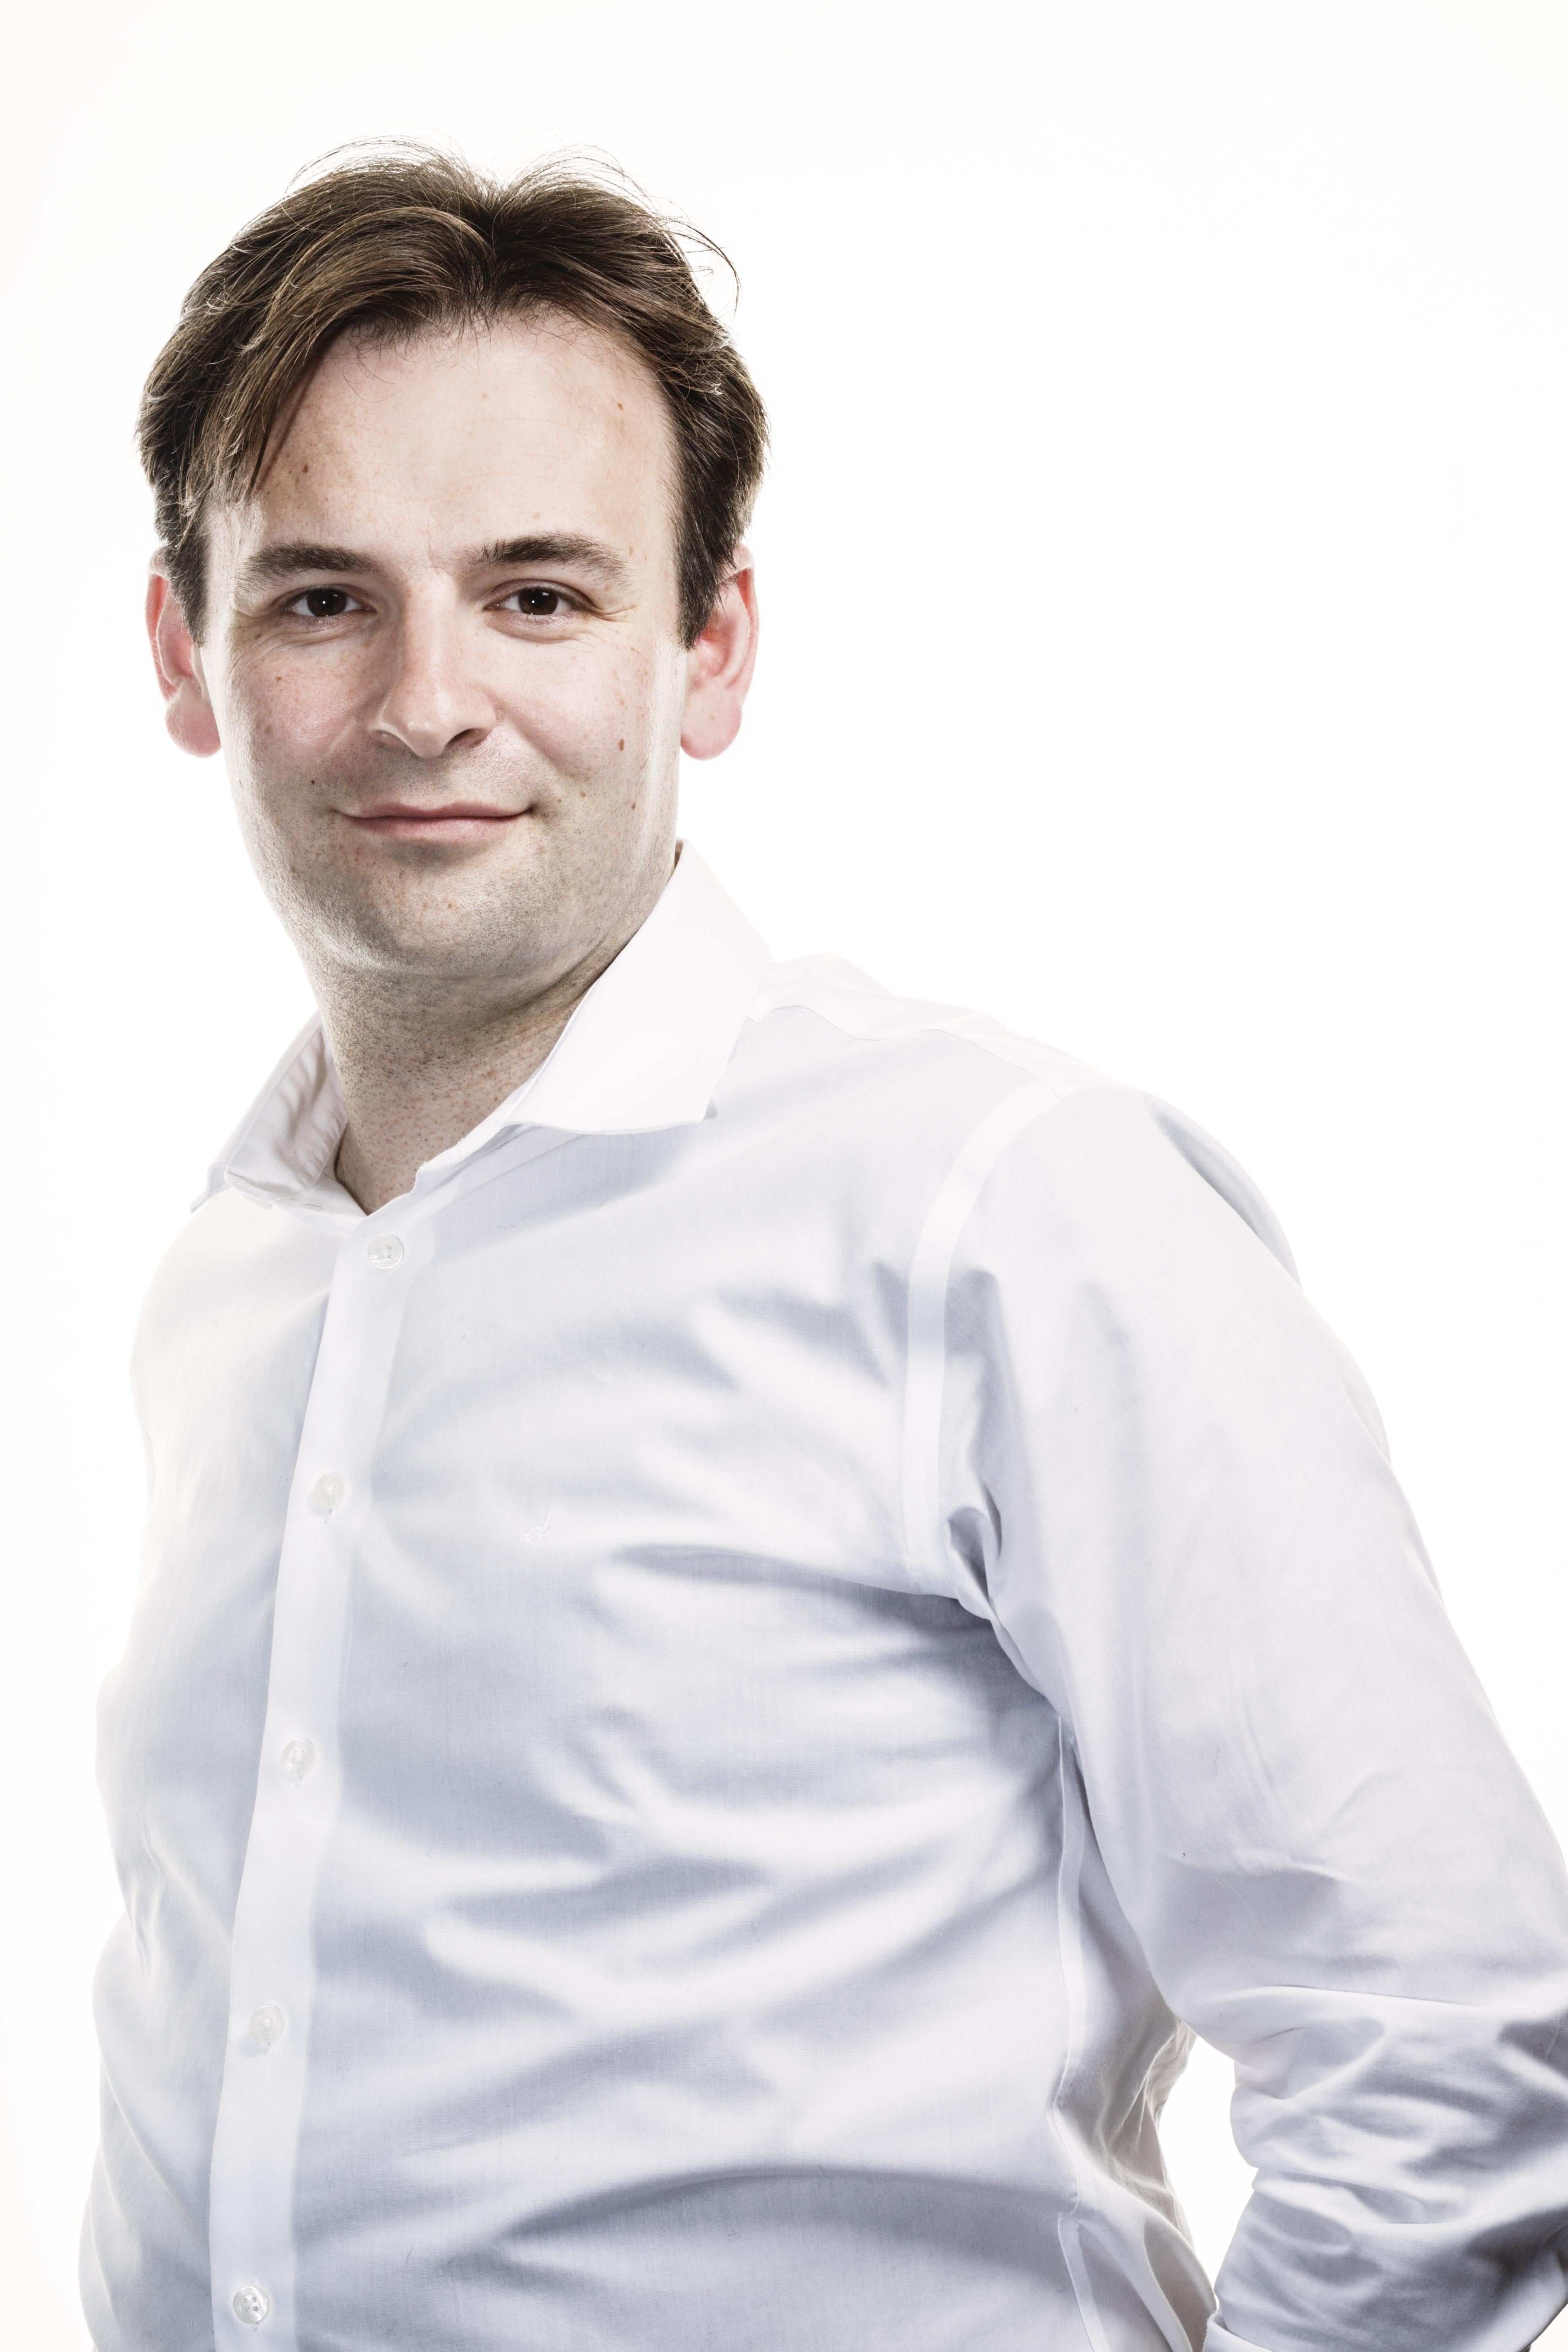 FrancoisJoseph VIALLON